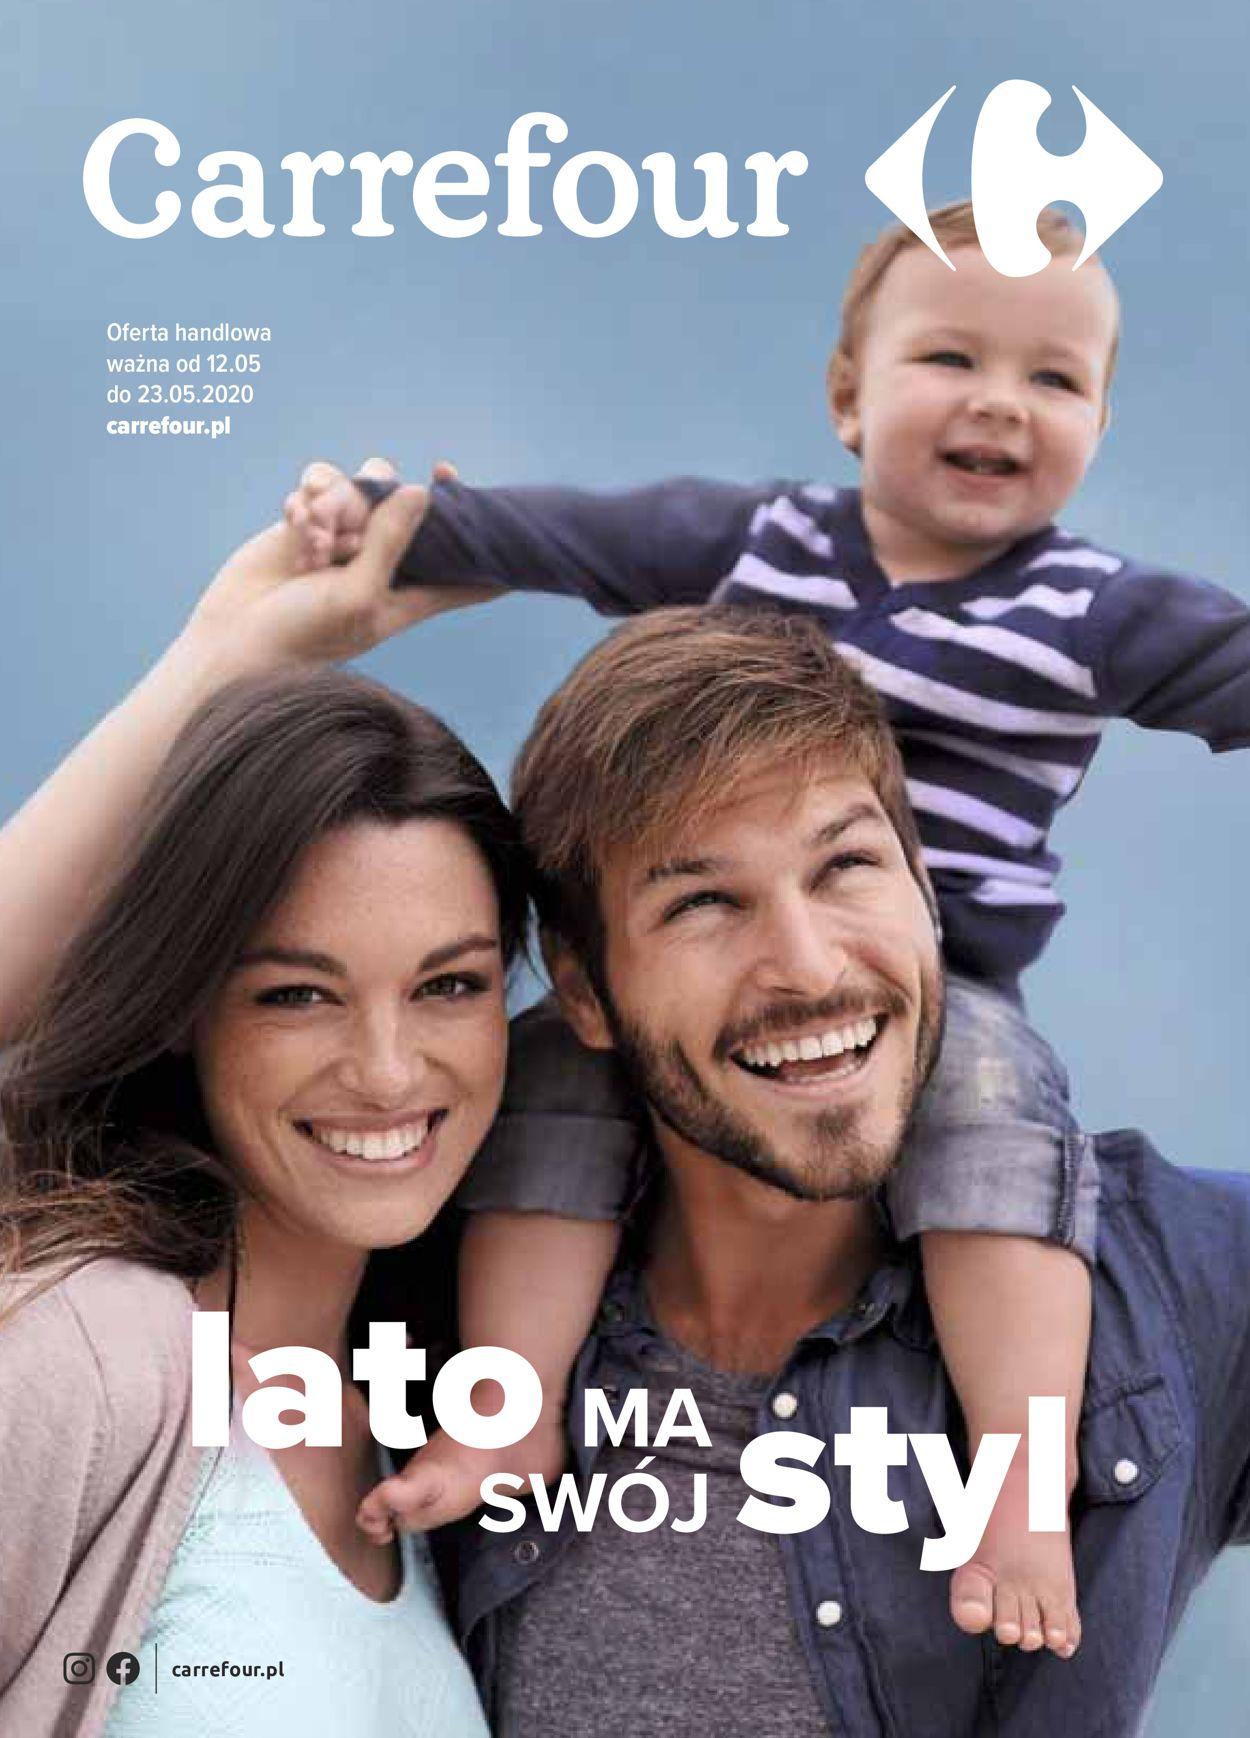 Gazetka promocyjna Carrefour - 12.05-23.05.2020